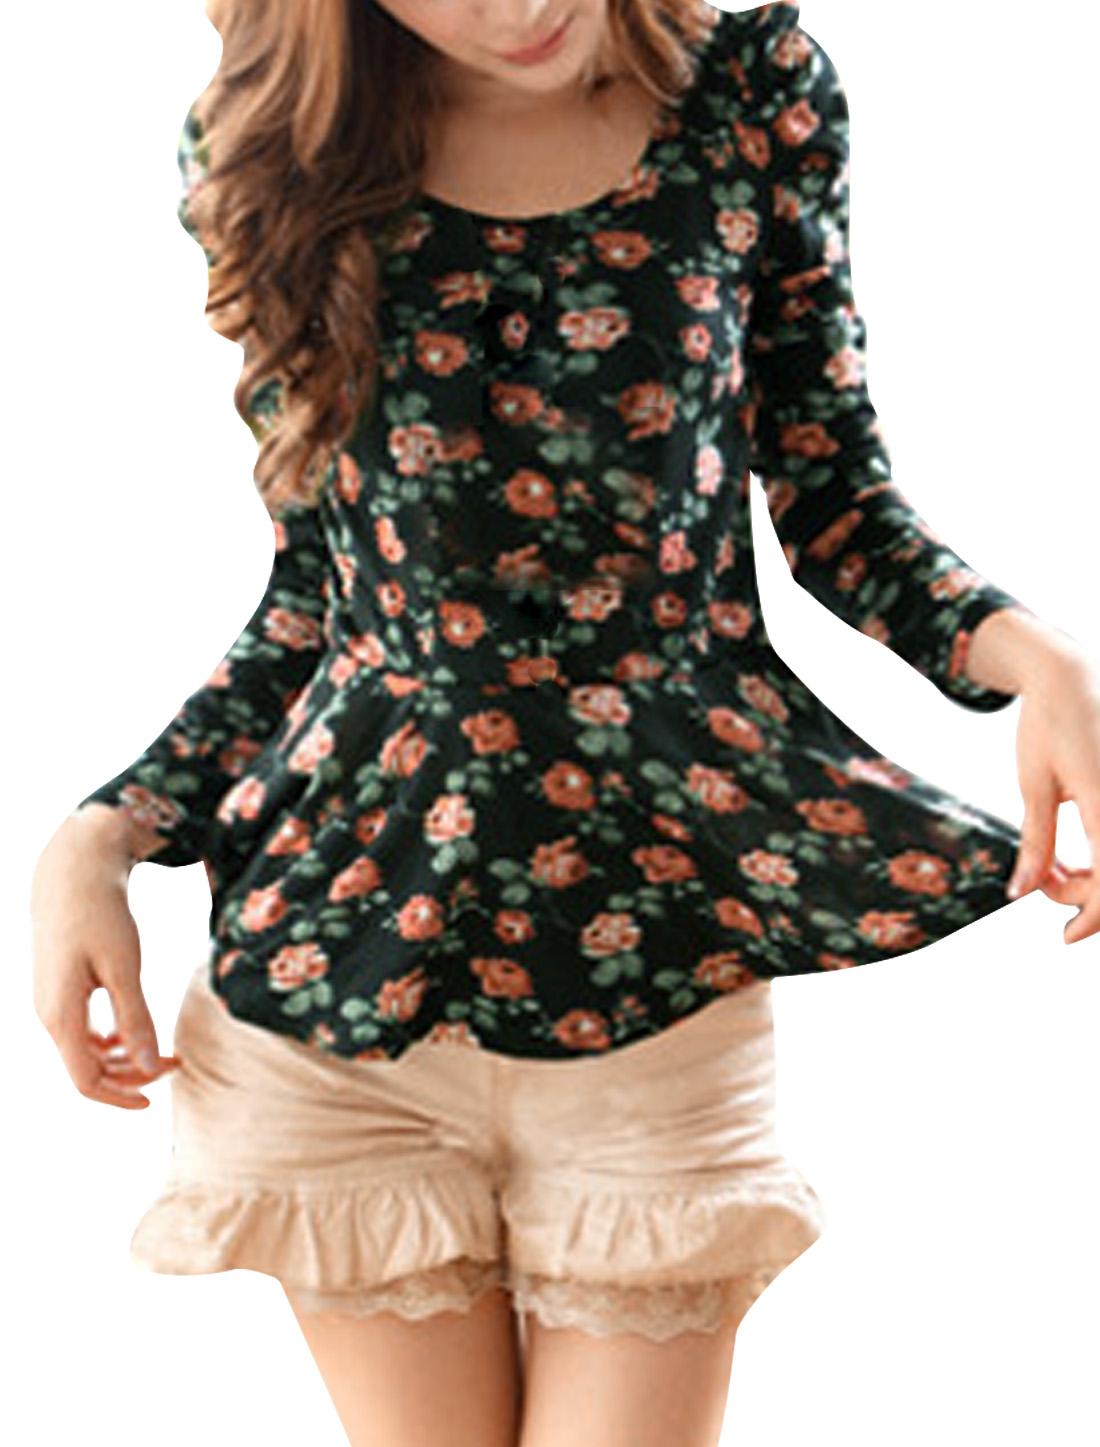 Ladies Scoop Neck Puff Sleeve Floral Prints Pleated Hem Peplum Top Black XS